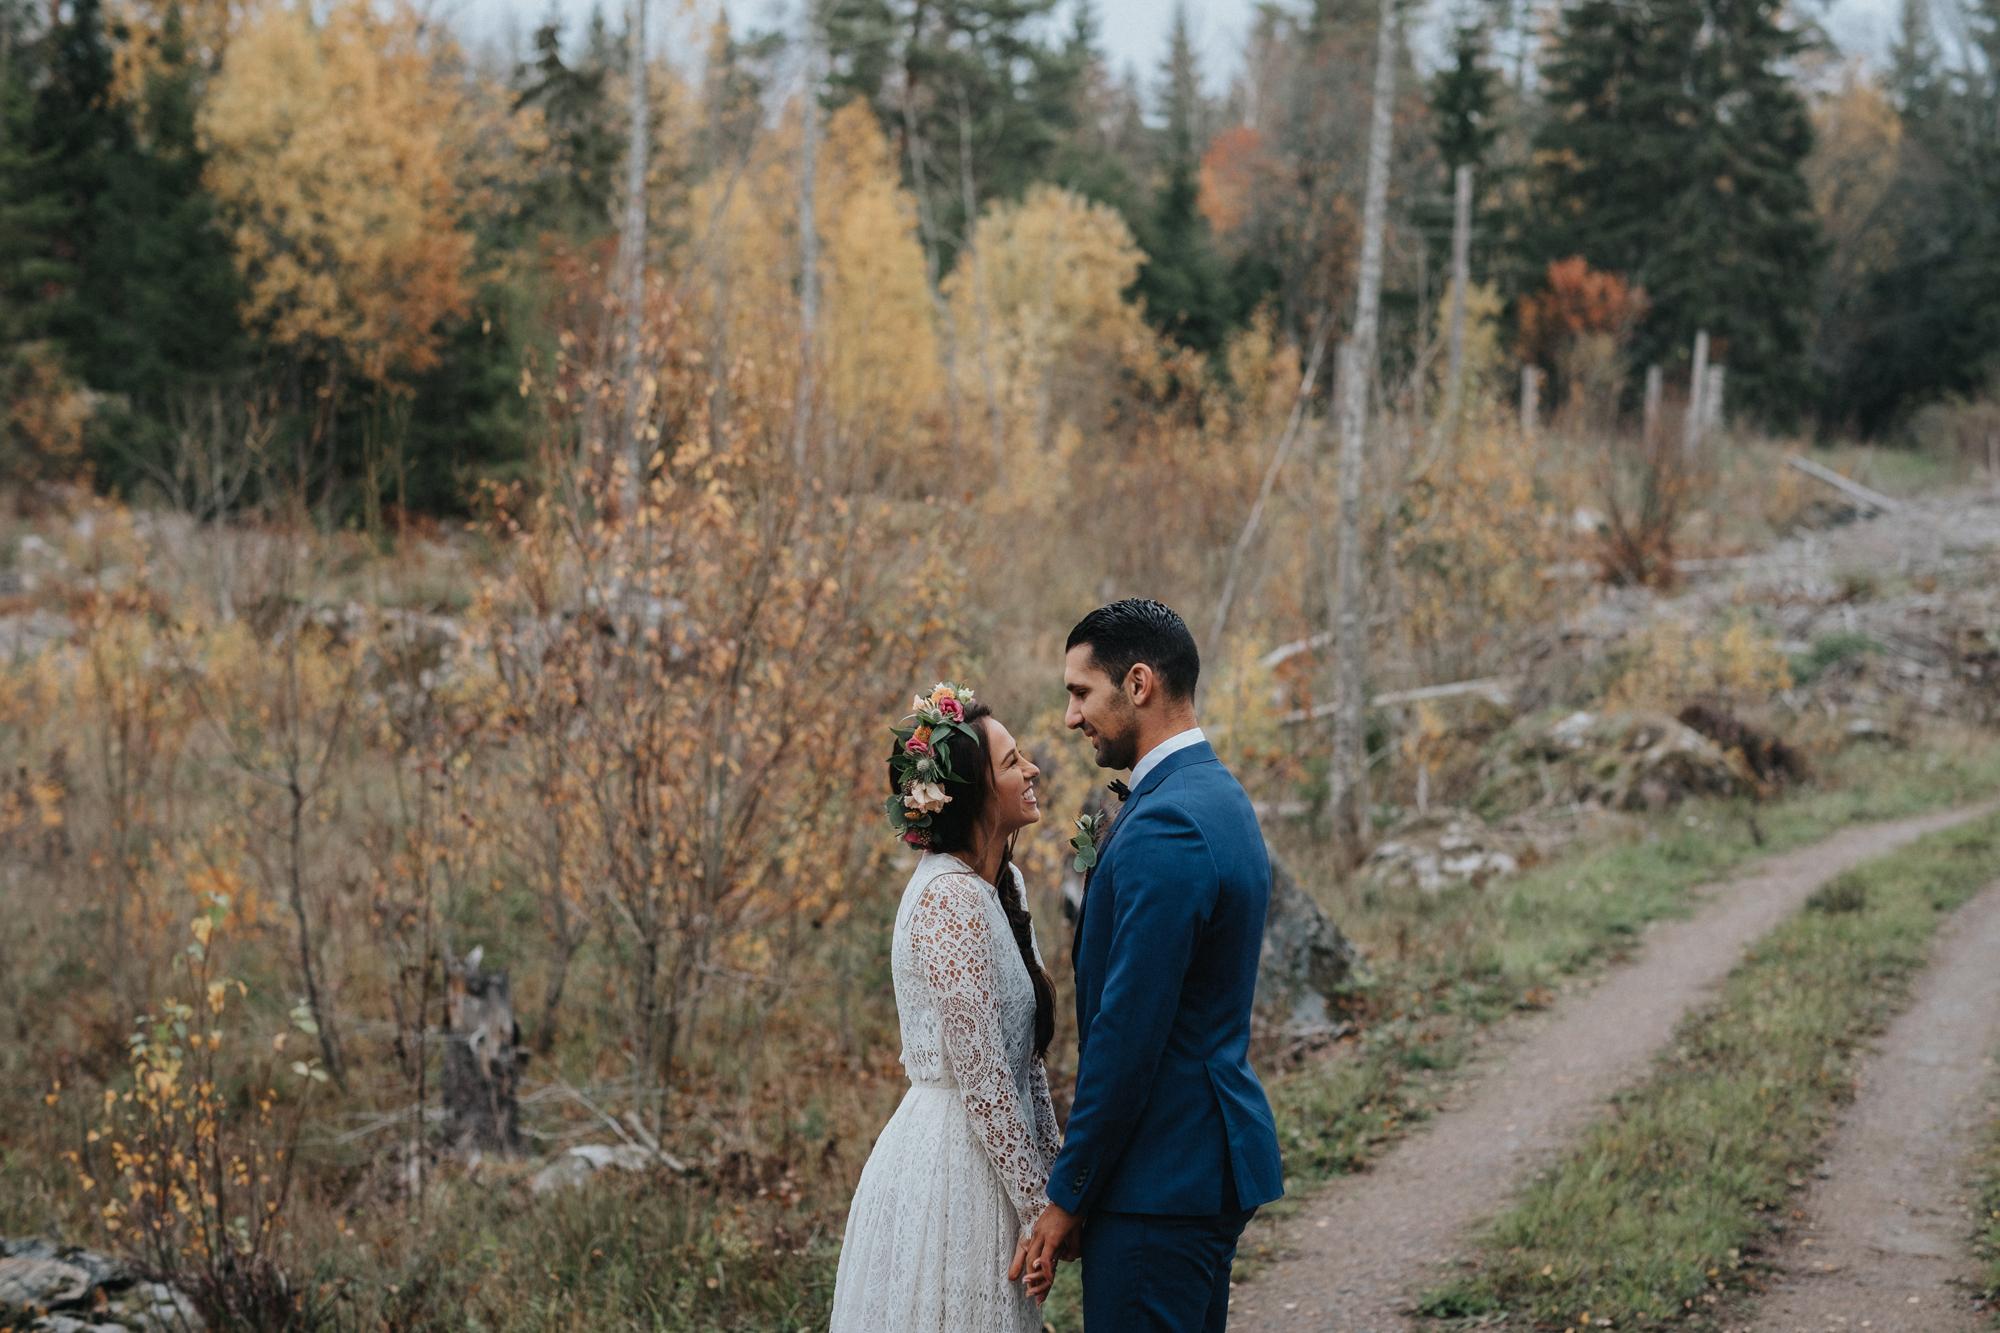 017-bröllopsfotograf-uppsala-neas-fotografi.jpg